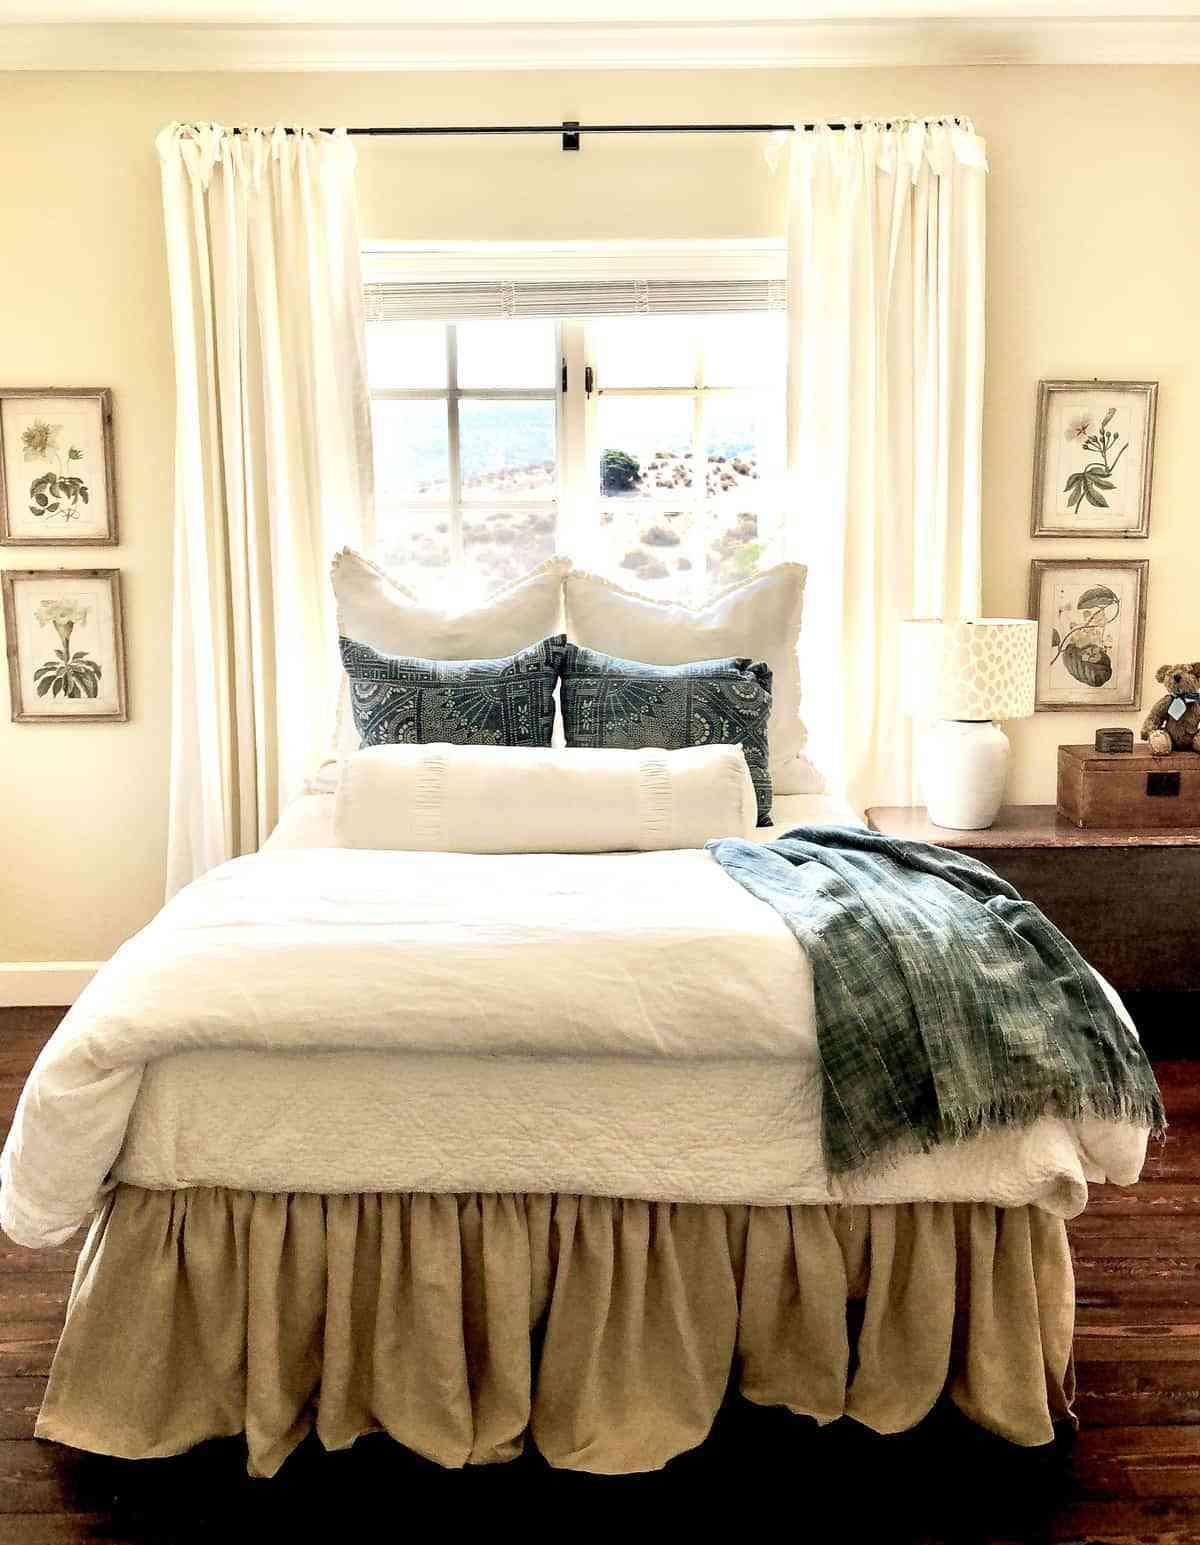 cindy hattersley design guest bedroom